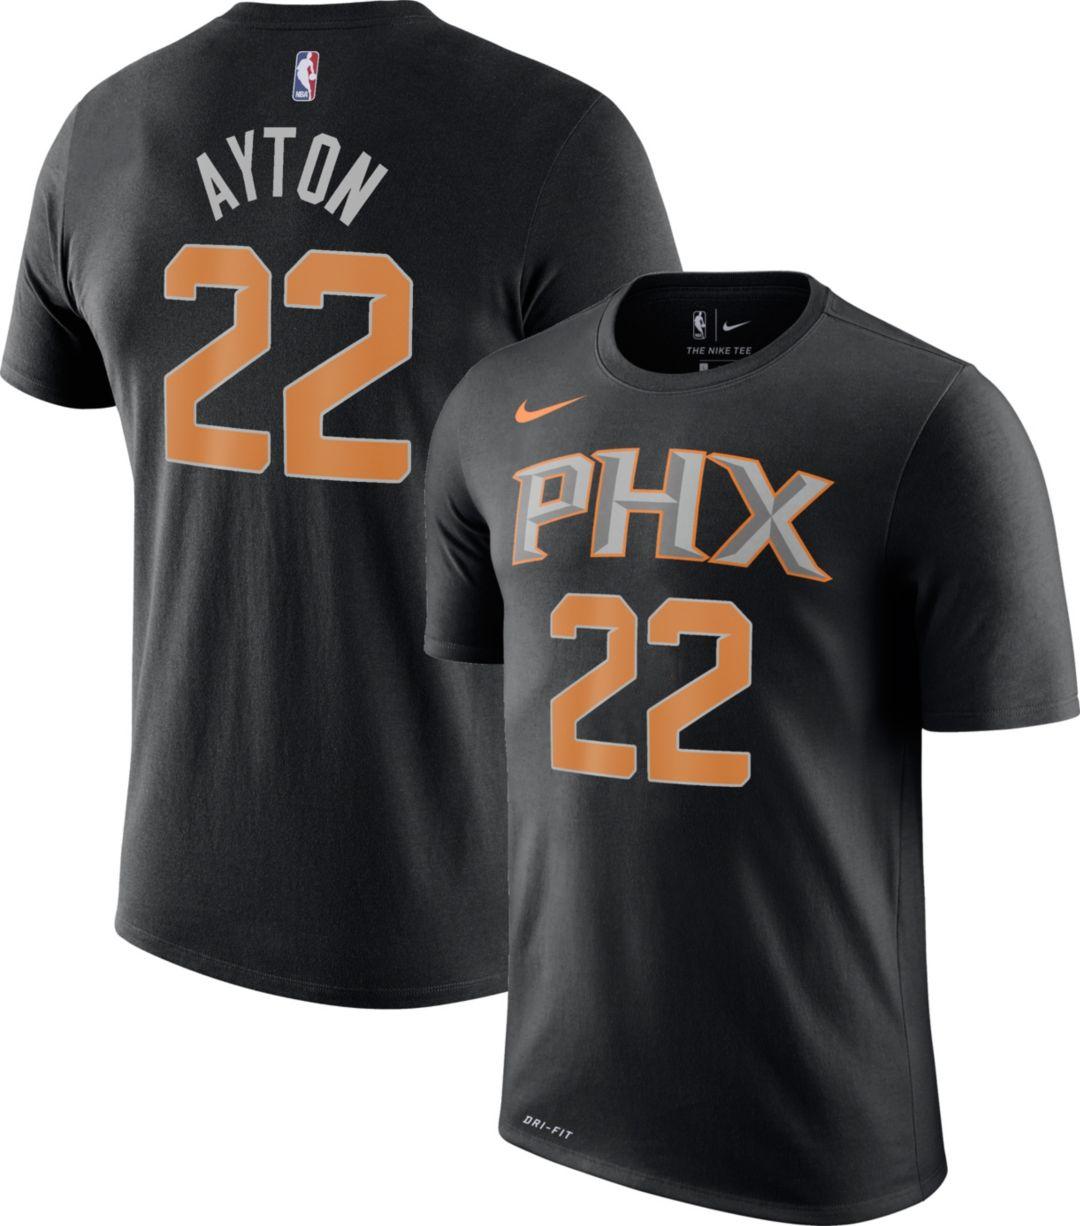 sale retailer ede1b 33a86 Nike Men's Phoenix Suns DeAndre Ayton #22 Dri-FIT Black T-Shirt